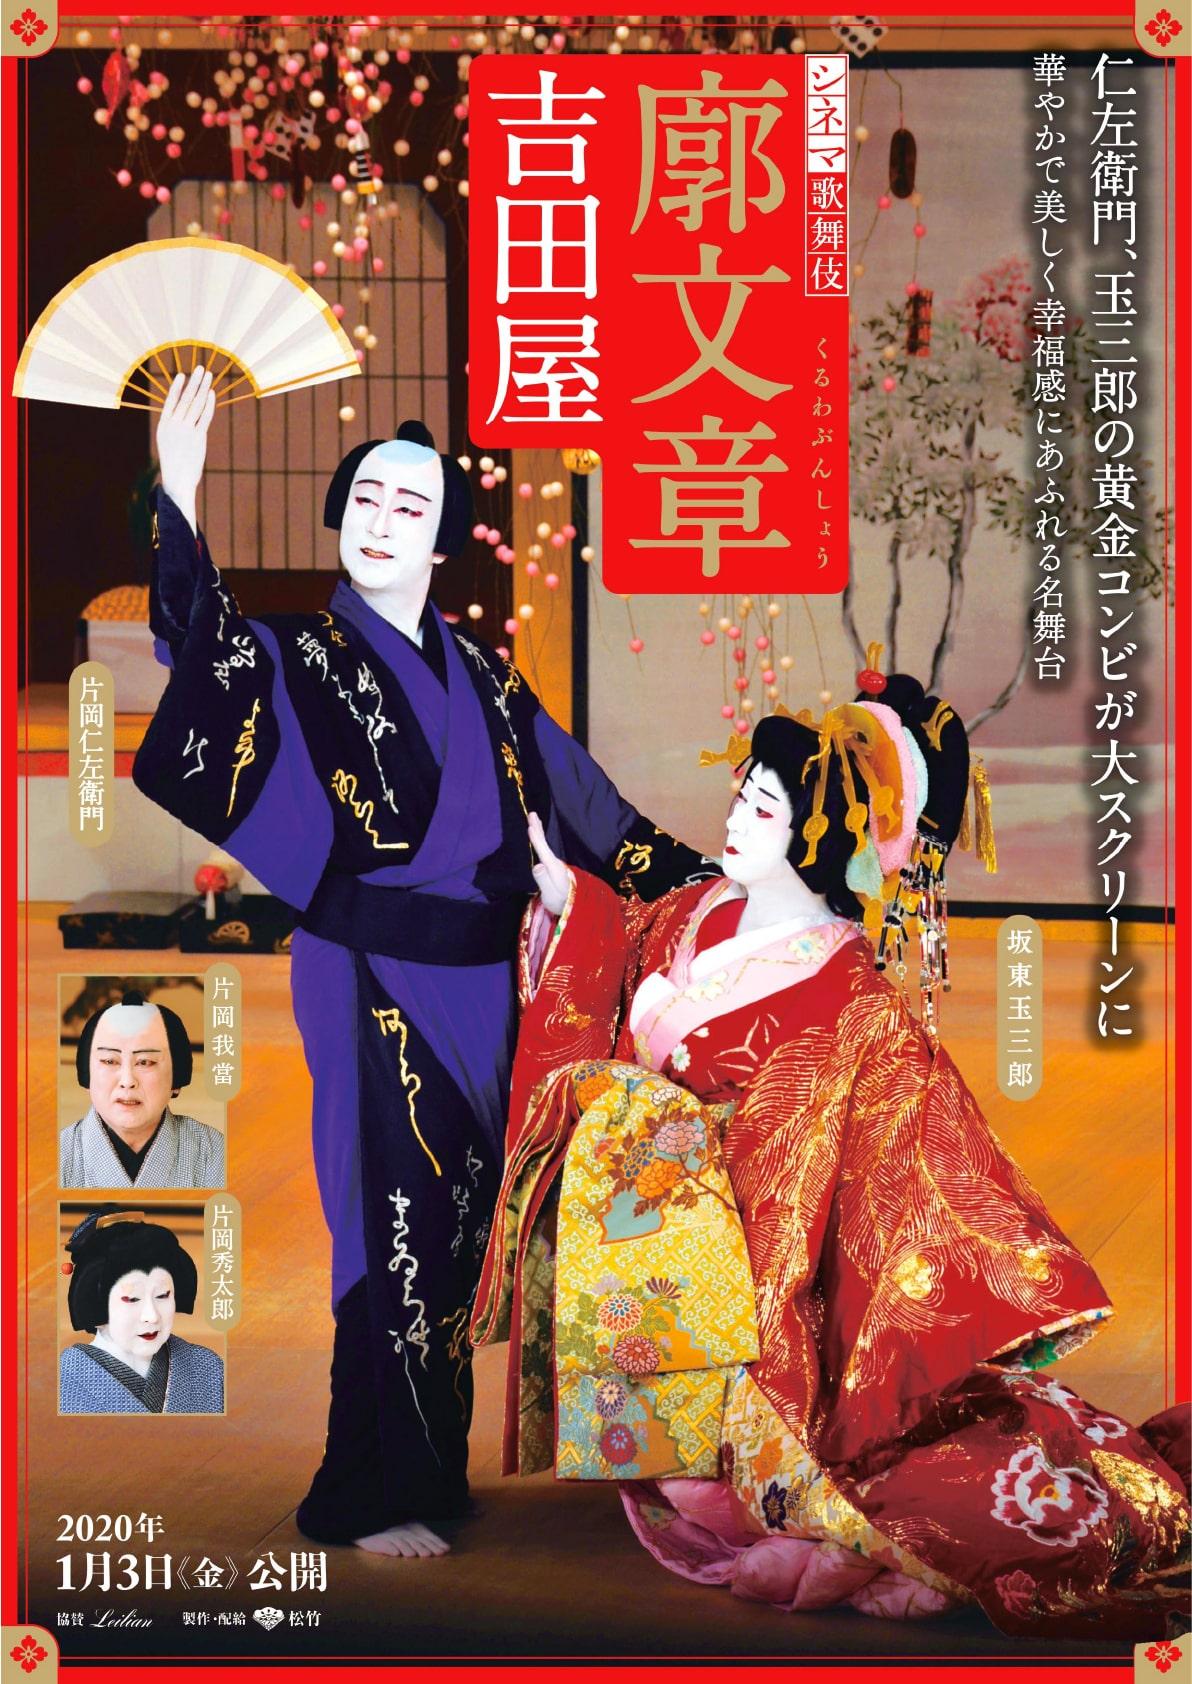 シネマ歌舞伎『廓文章 吉田屋』チラシ1